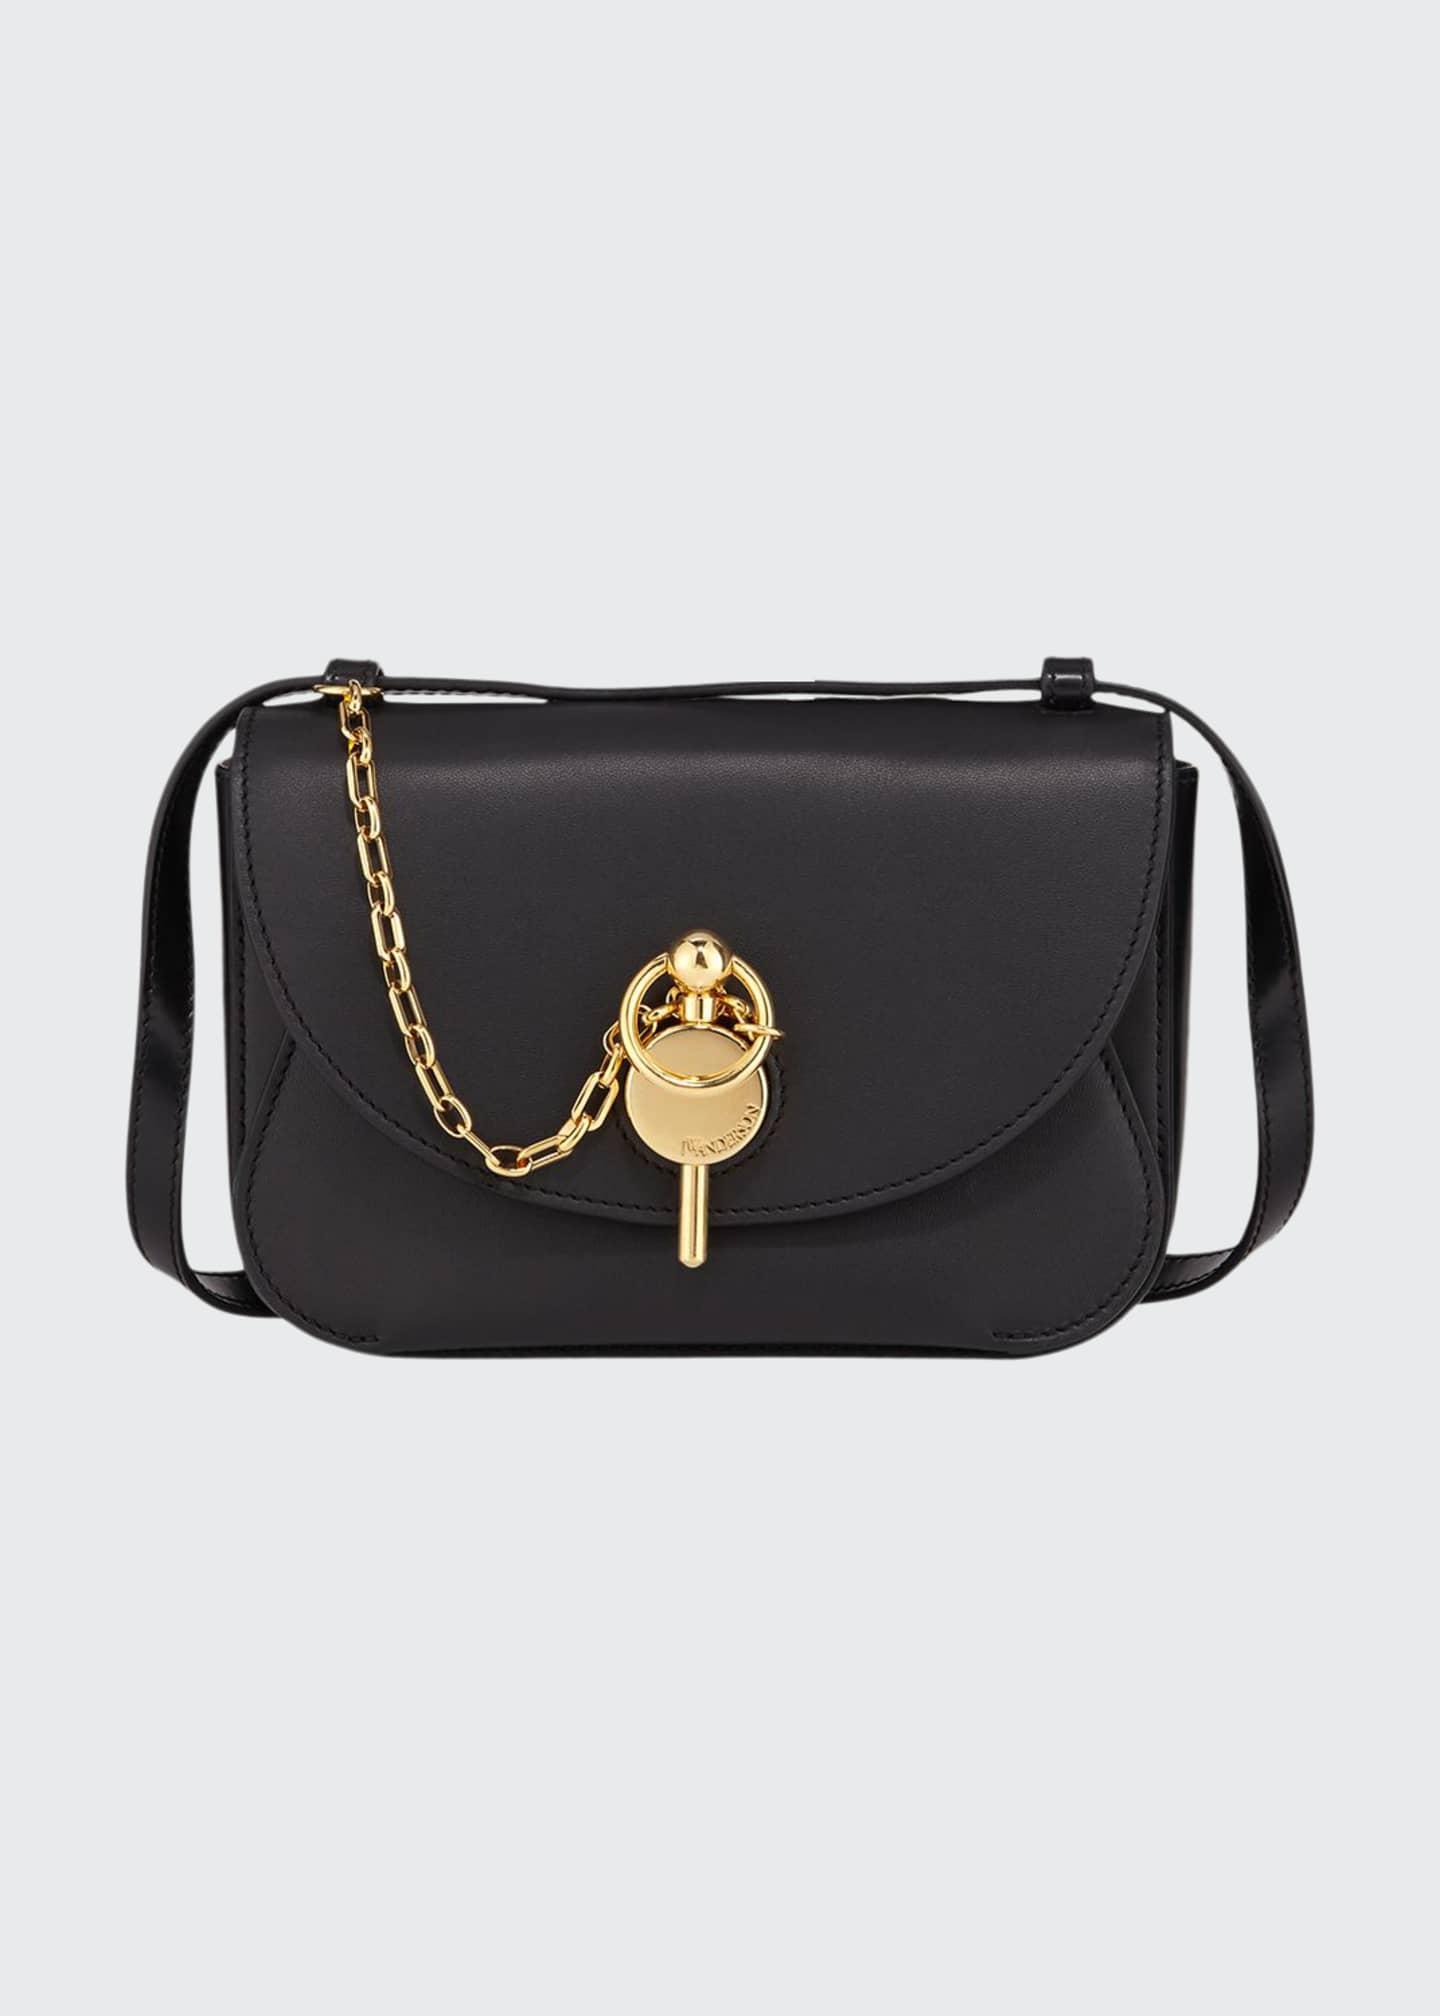 JW Anderson Mini Keys Buffed Leather Crossbody Bag